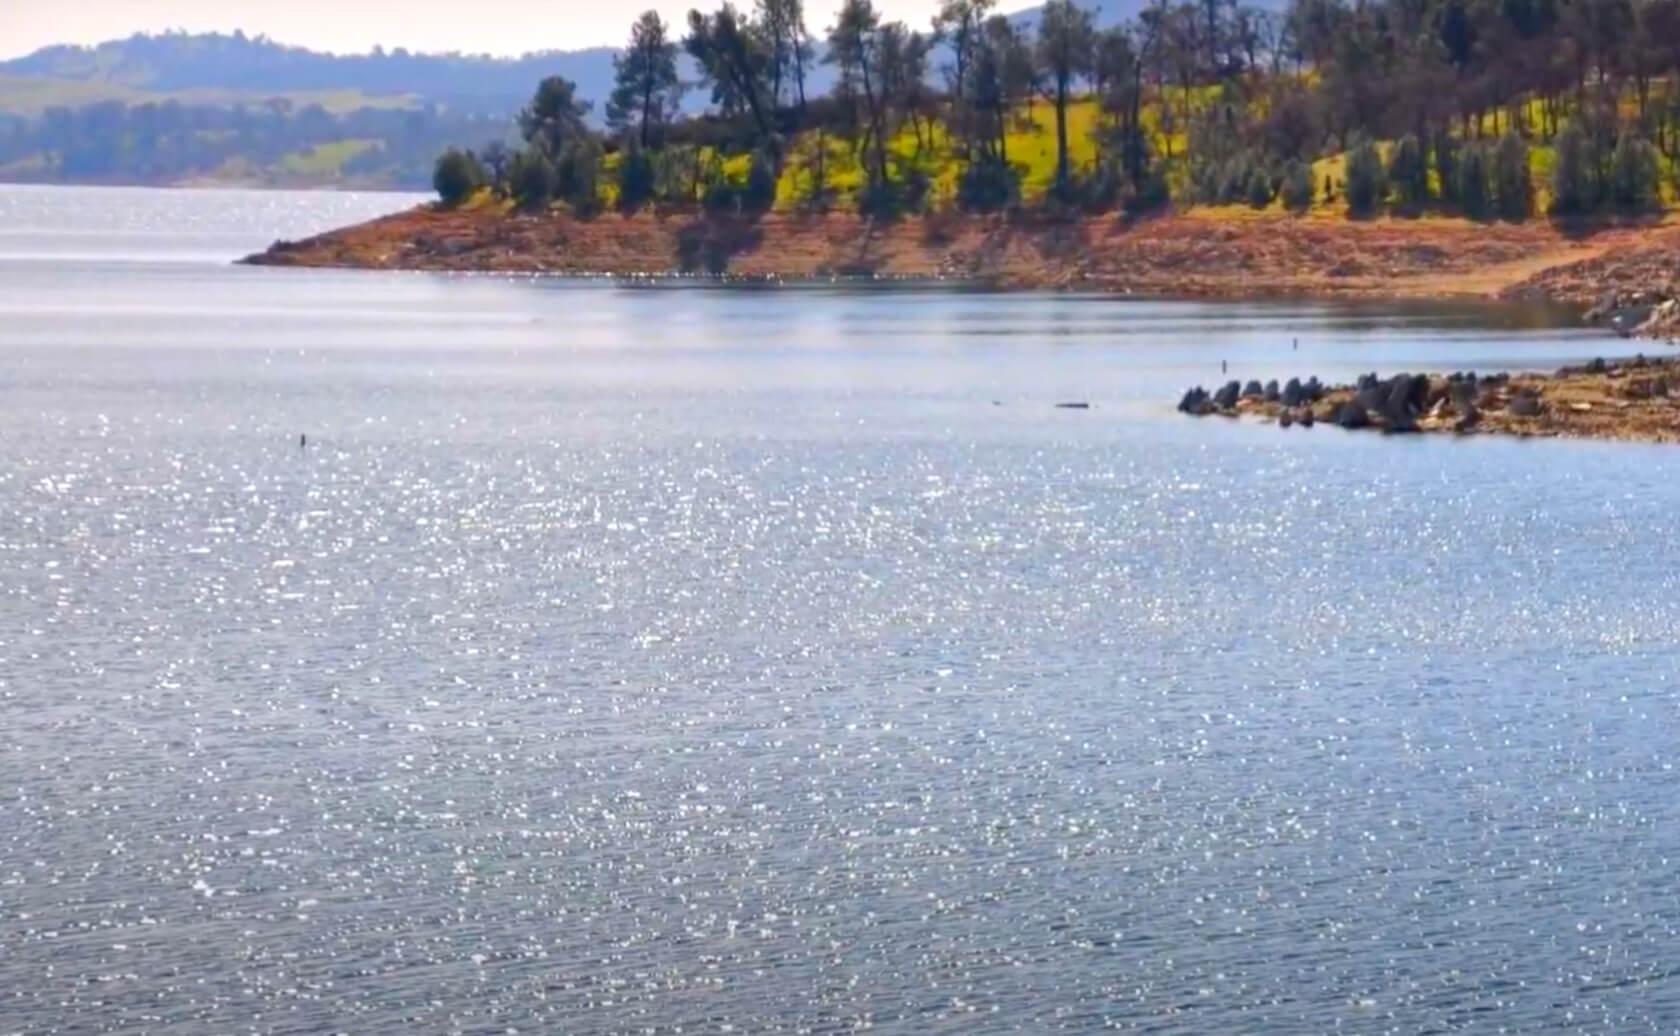 New-Hogan-Lake-Fishing-Guide-Report-California-09